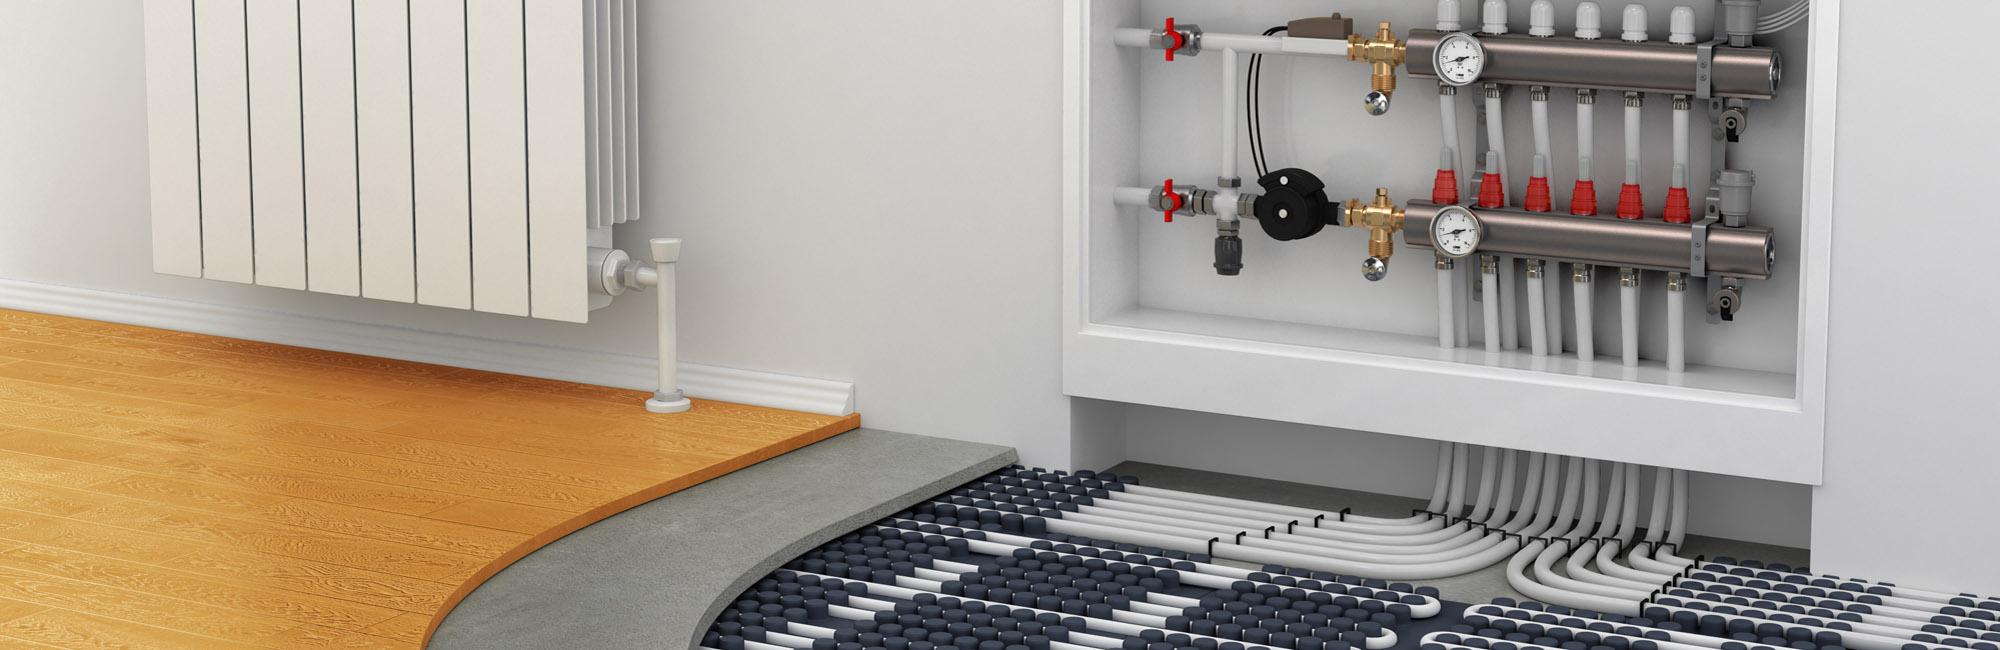 Tipo Di Riscaldamento Più Economico impianti di riscaldamento a pavimento a soffitto a parete